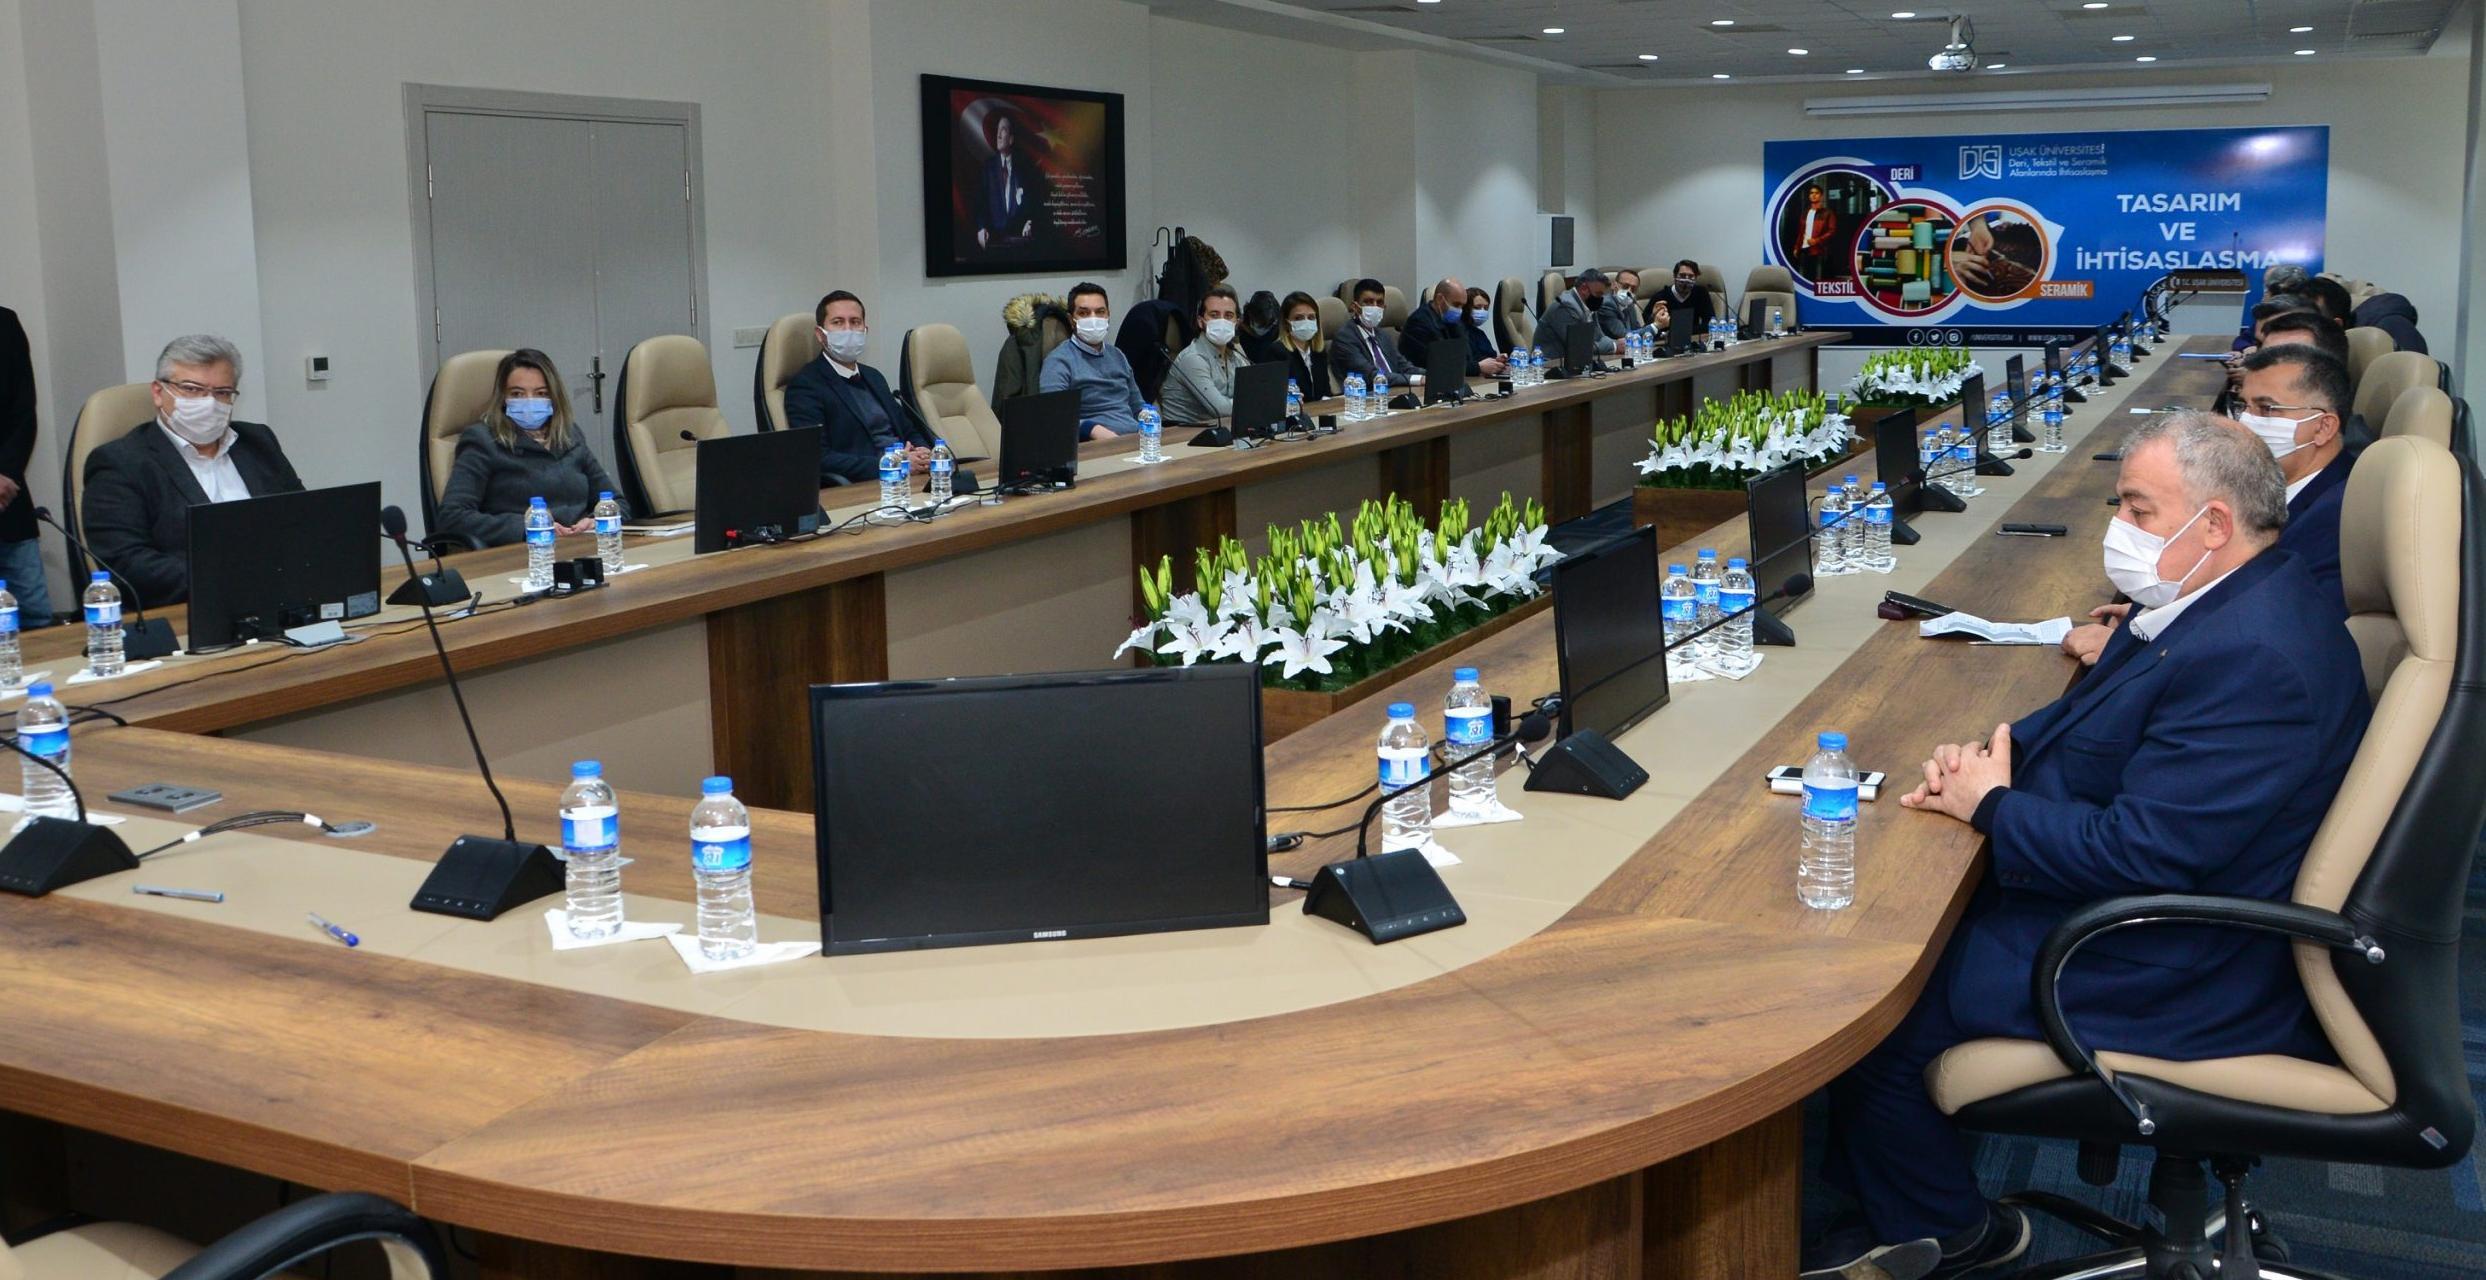 Uşak Üniversitesi Bölgesel Kalkınma ve Girişimciliğin Merkezi Oluyor…